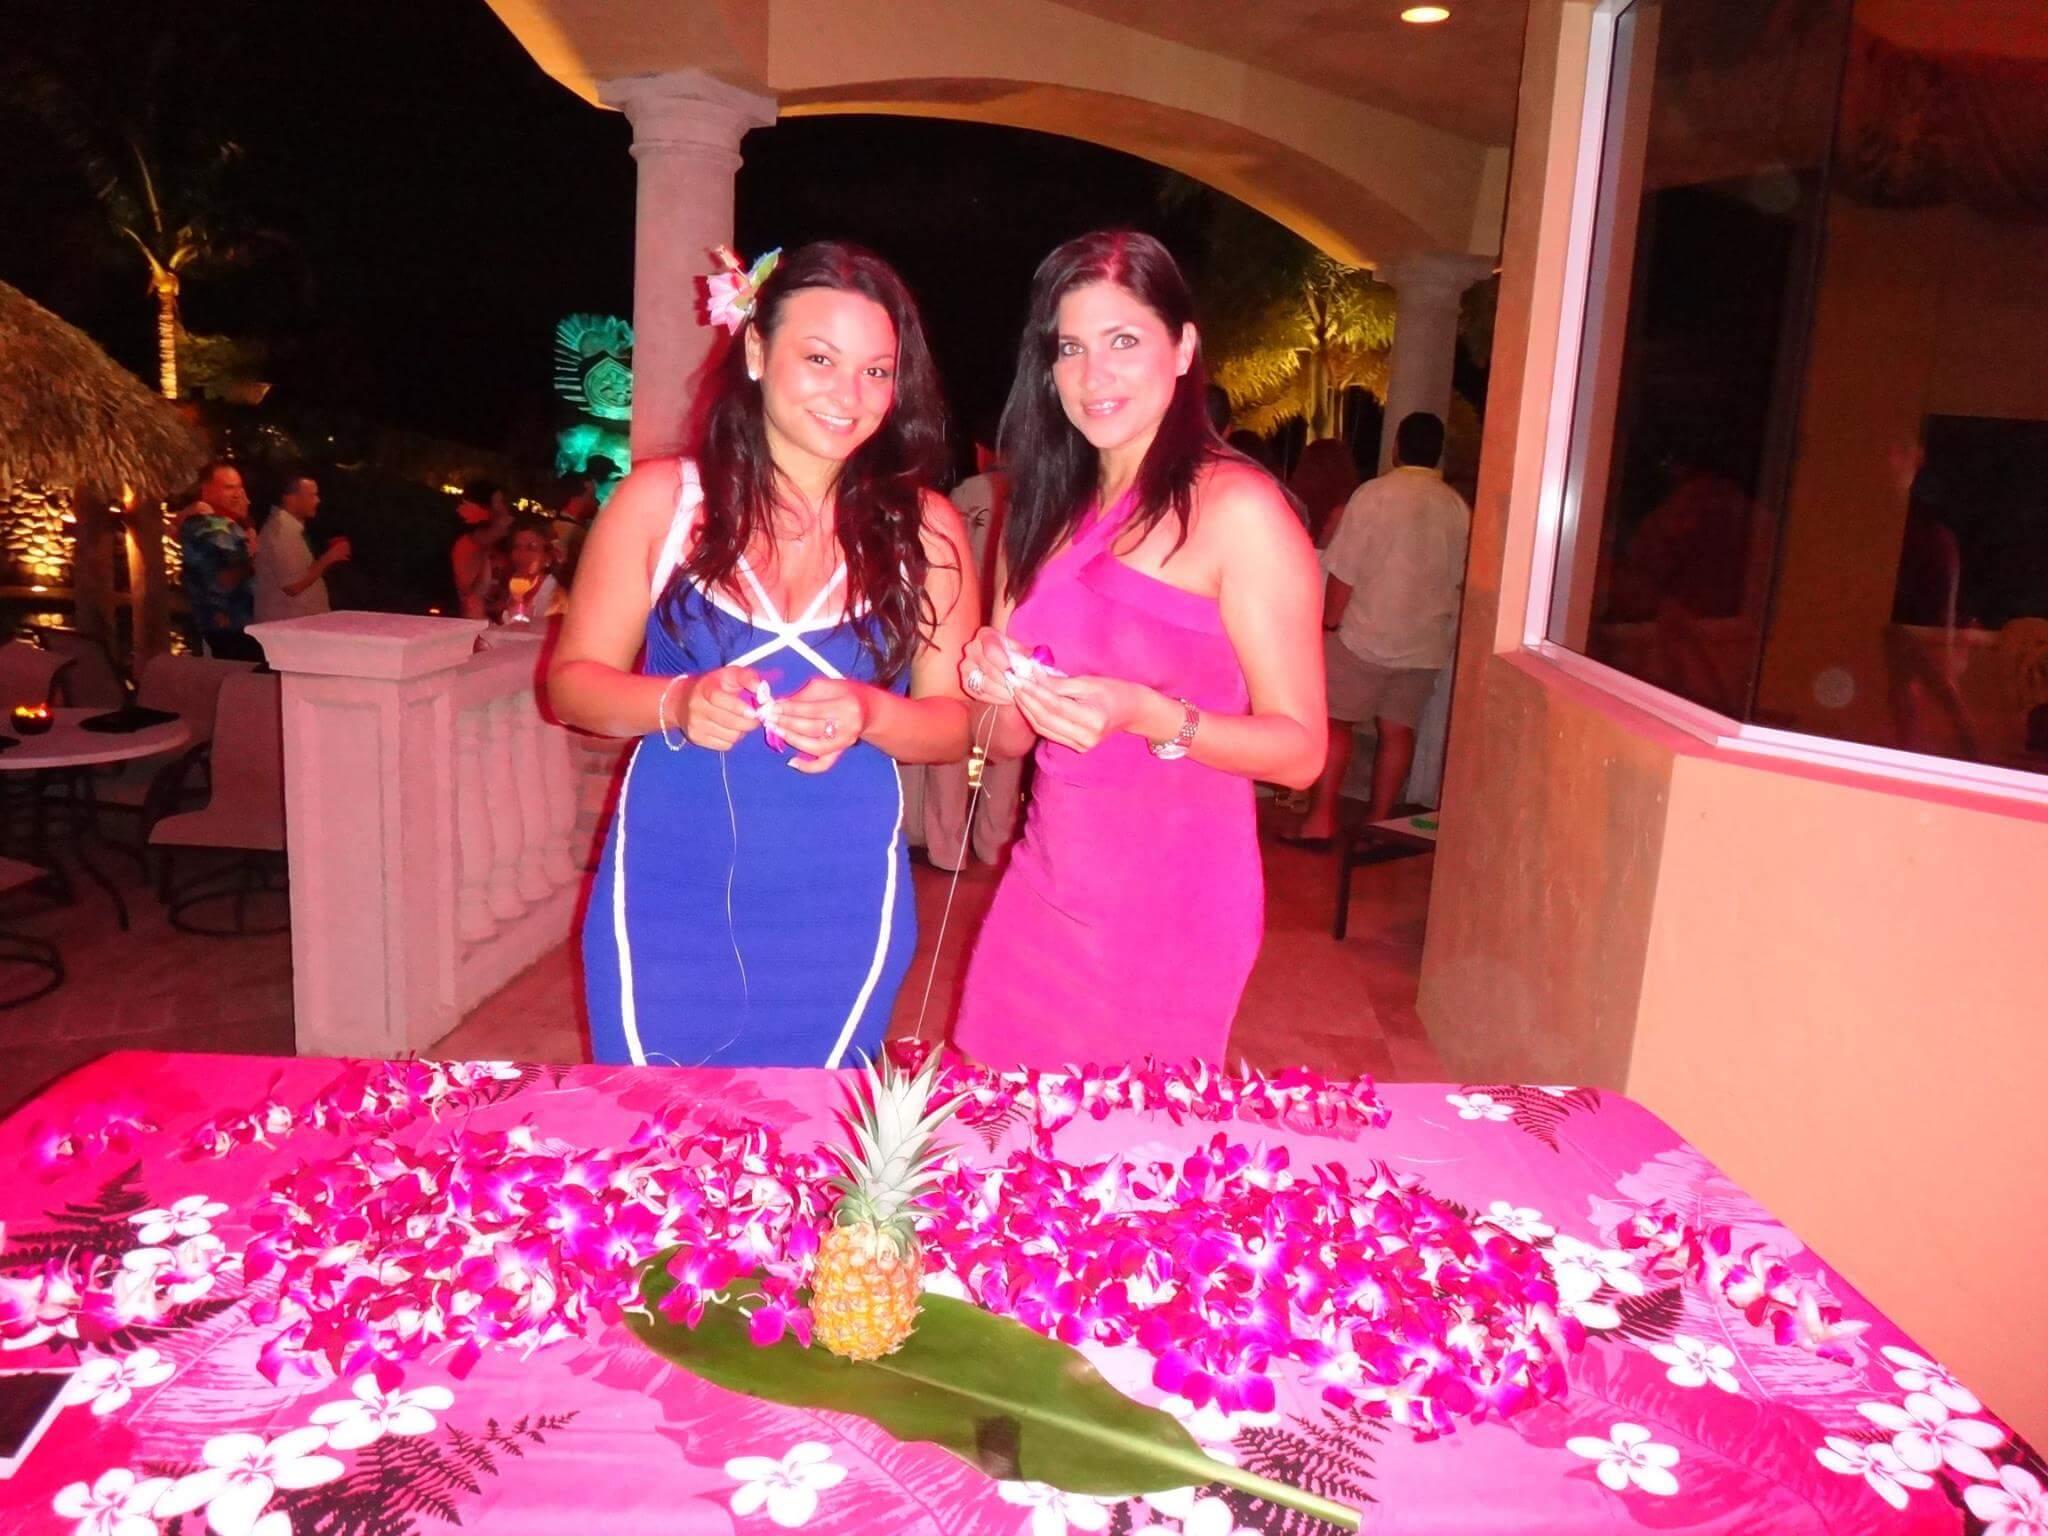 Island wedding ideas